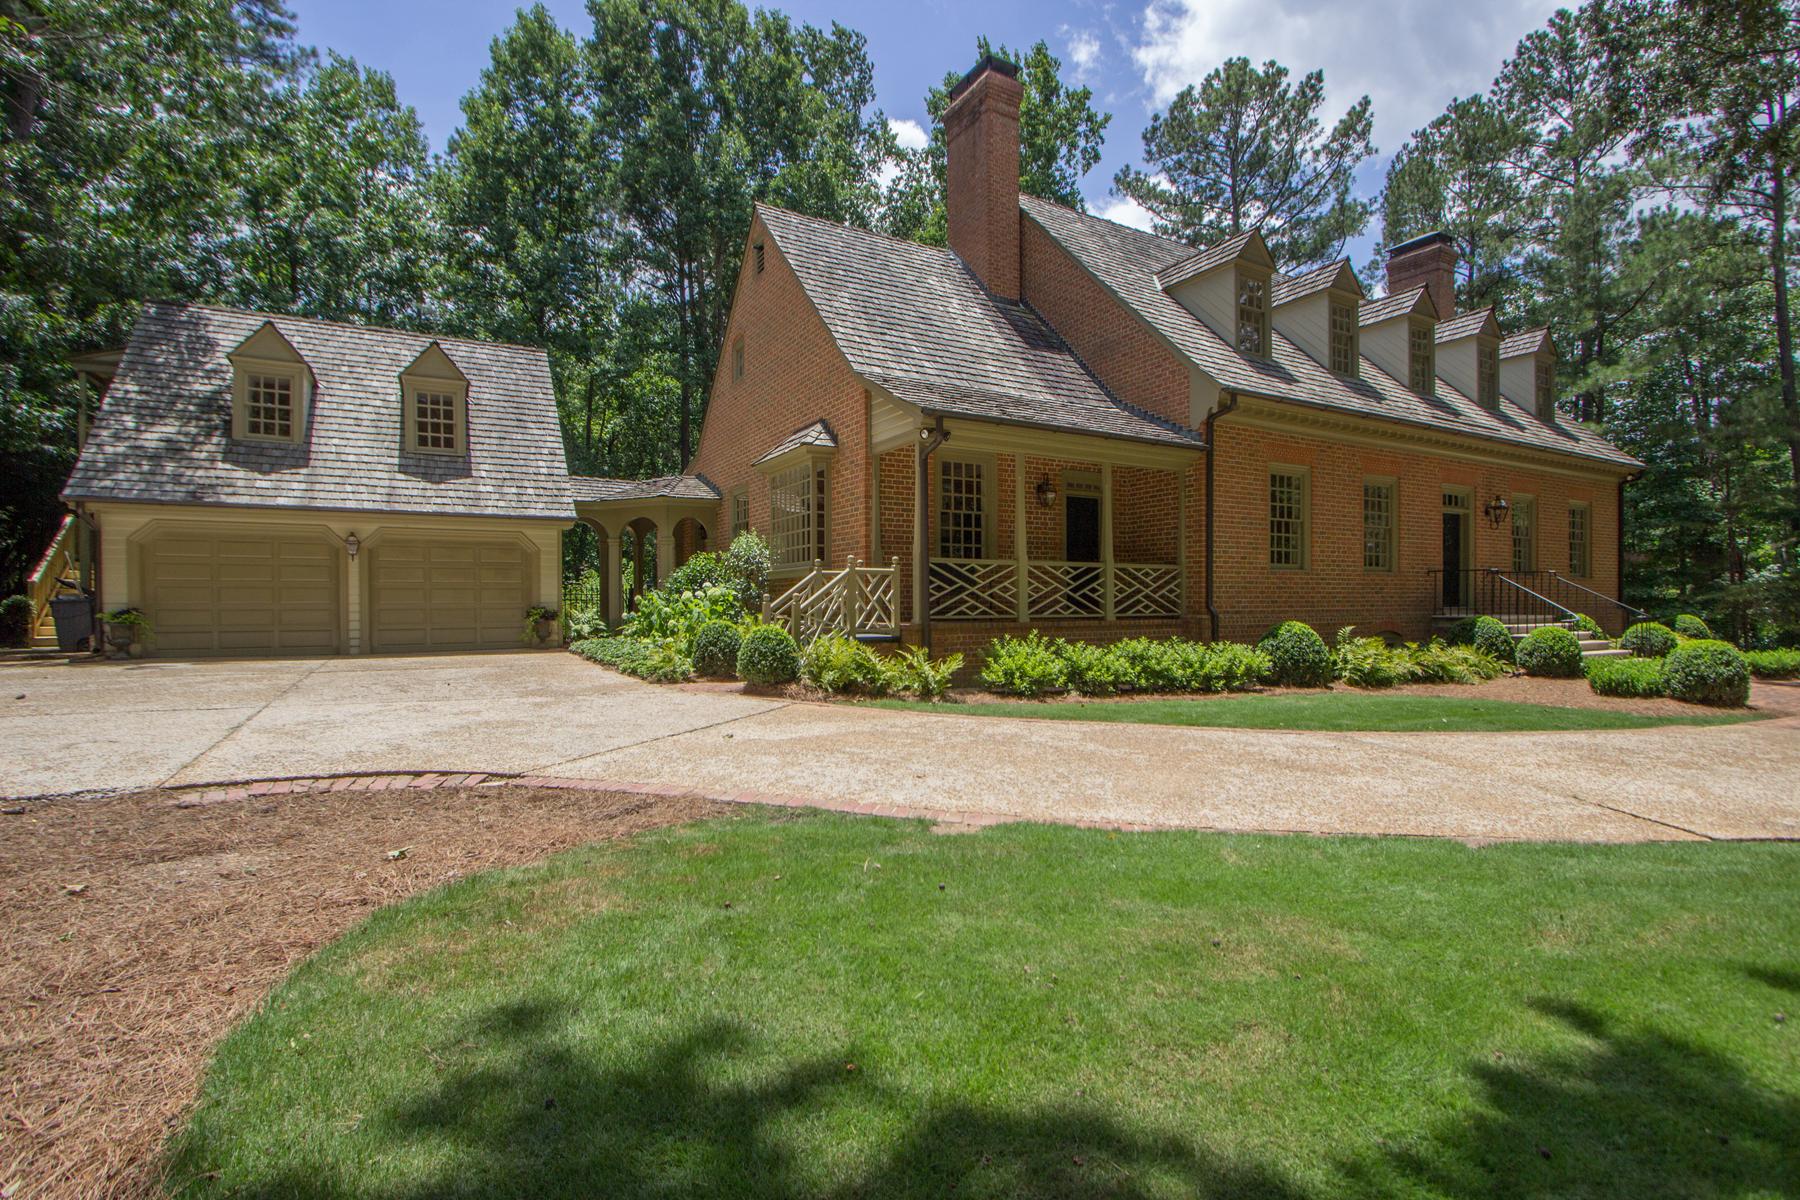 一戸建て のために 売買 アット Beautiful Private Property In Great Neighborhood 1725 Winterthur Close Atlanta, ジョージア, 30328 アメリカ合衆国